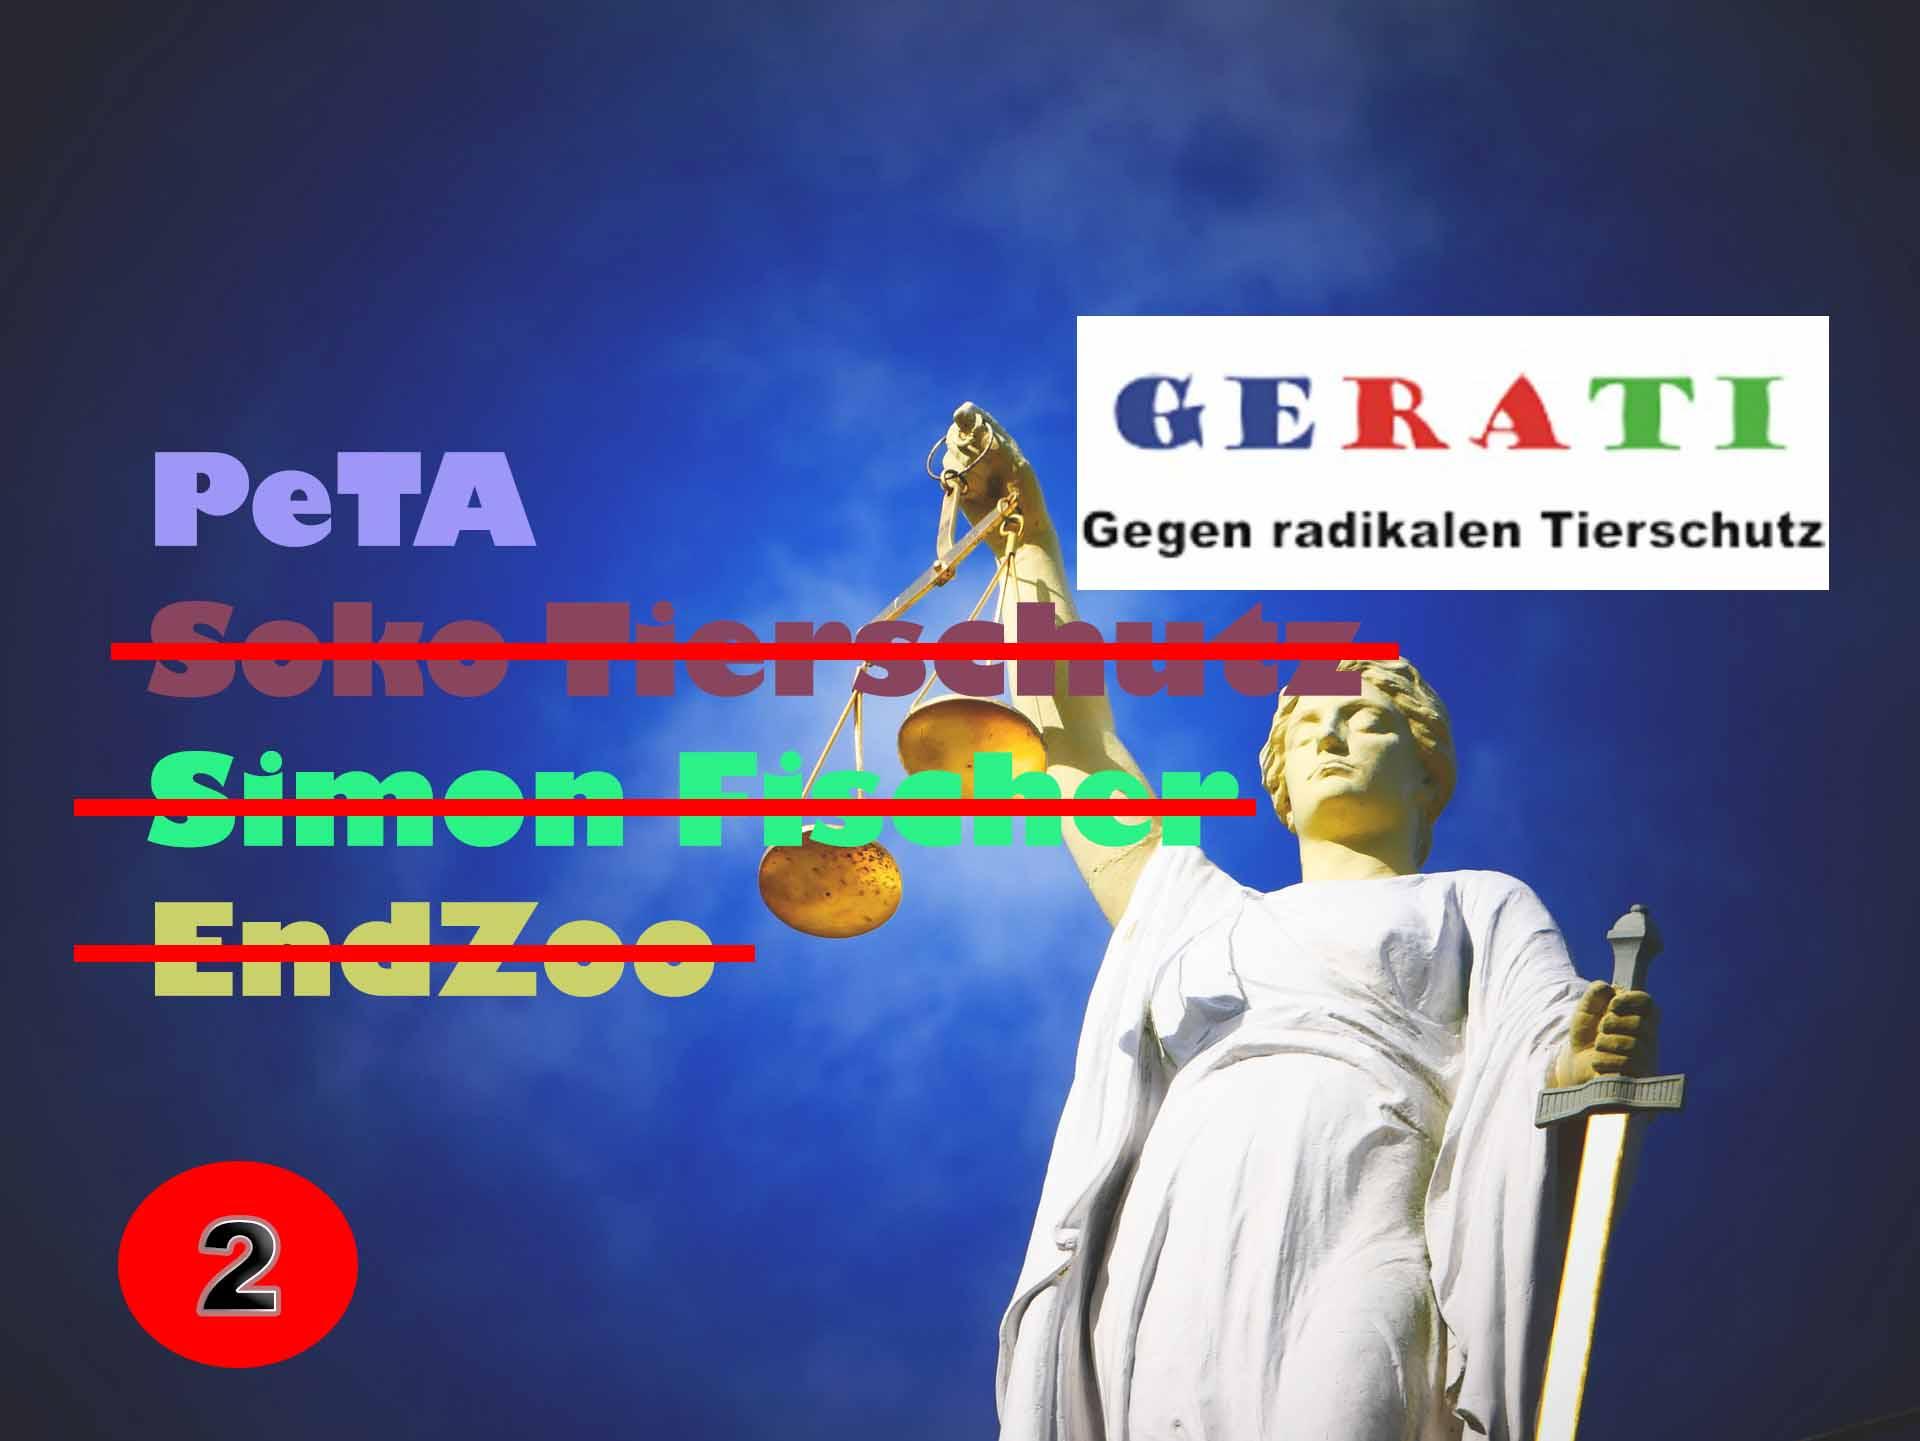 """""""Nur PeTA darf Strafanzeigen stellen"""" - Die Strafanzeigen von PeTA gegen GERATI (2)"""